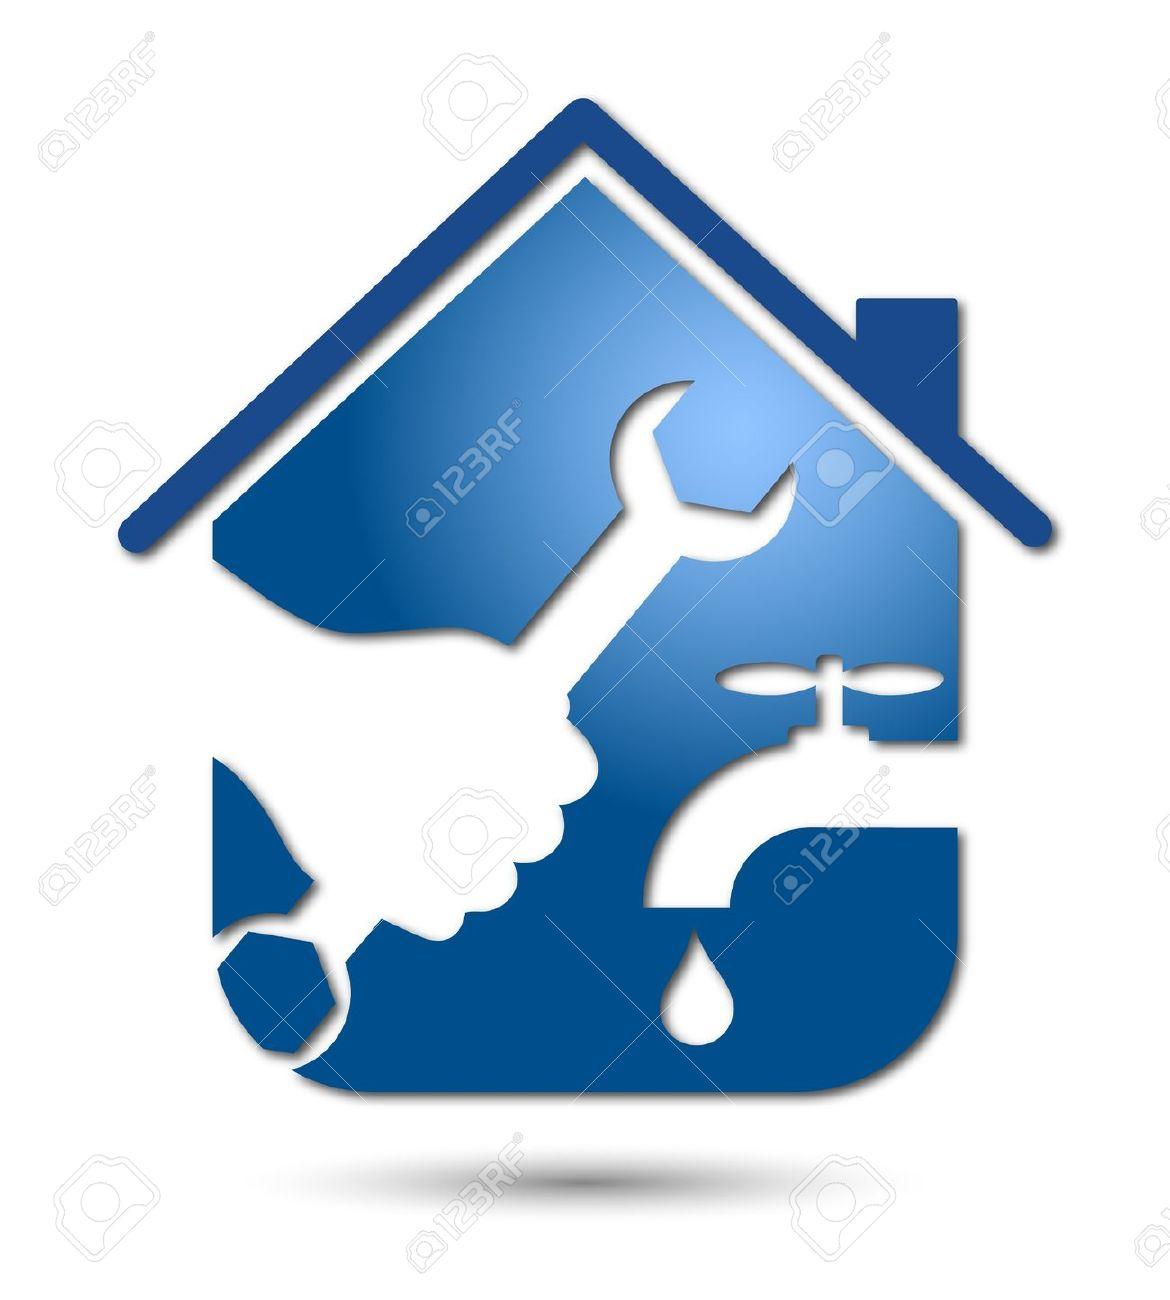 Free plumbing logos clip art royalty free library Free plumbing logos clip art - ClipartFest royalty free library